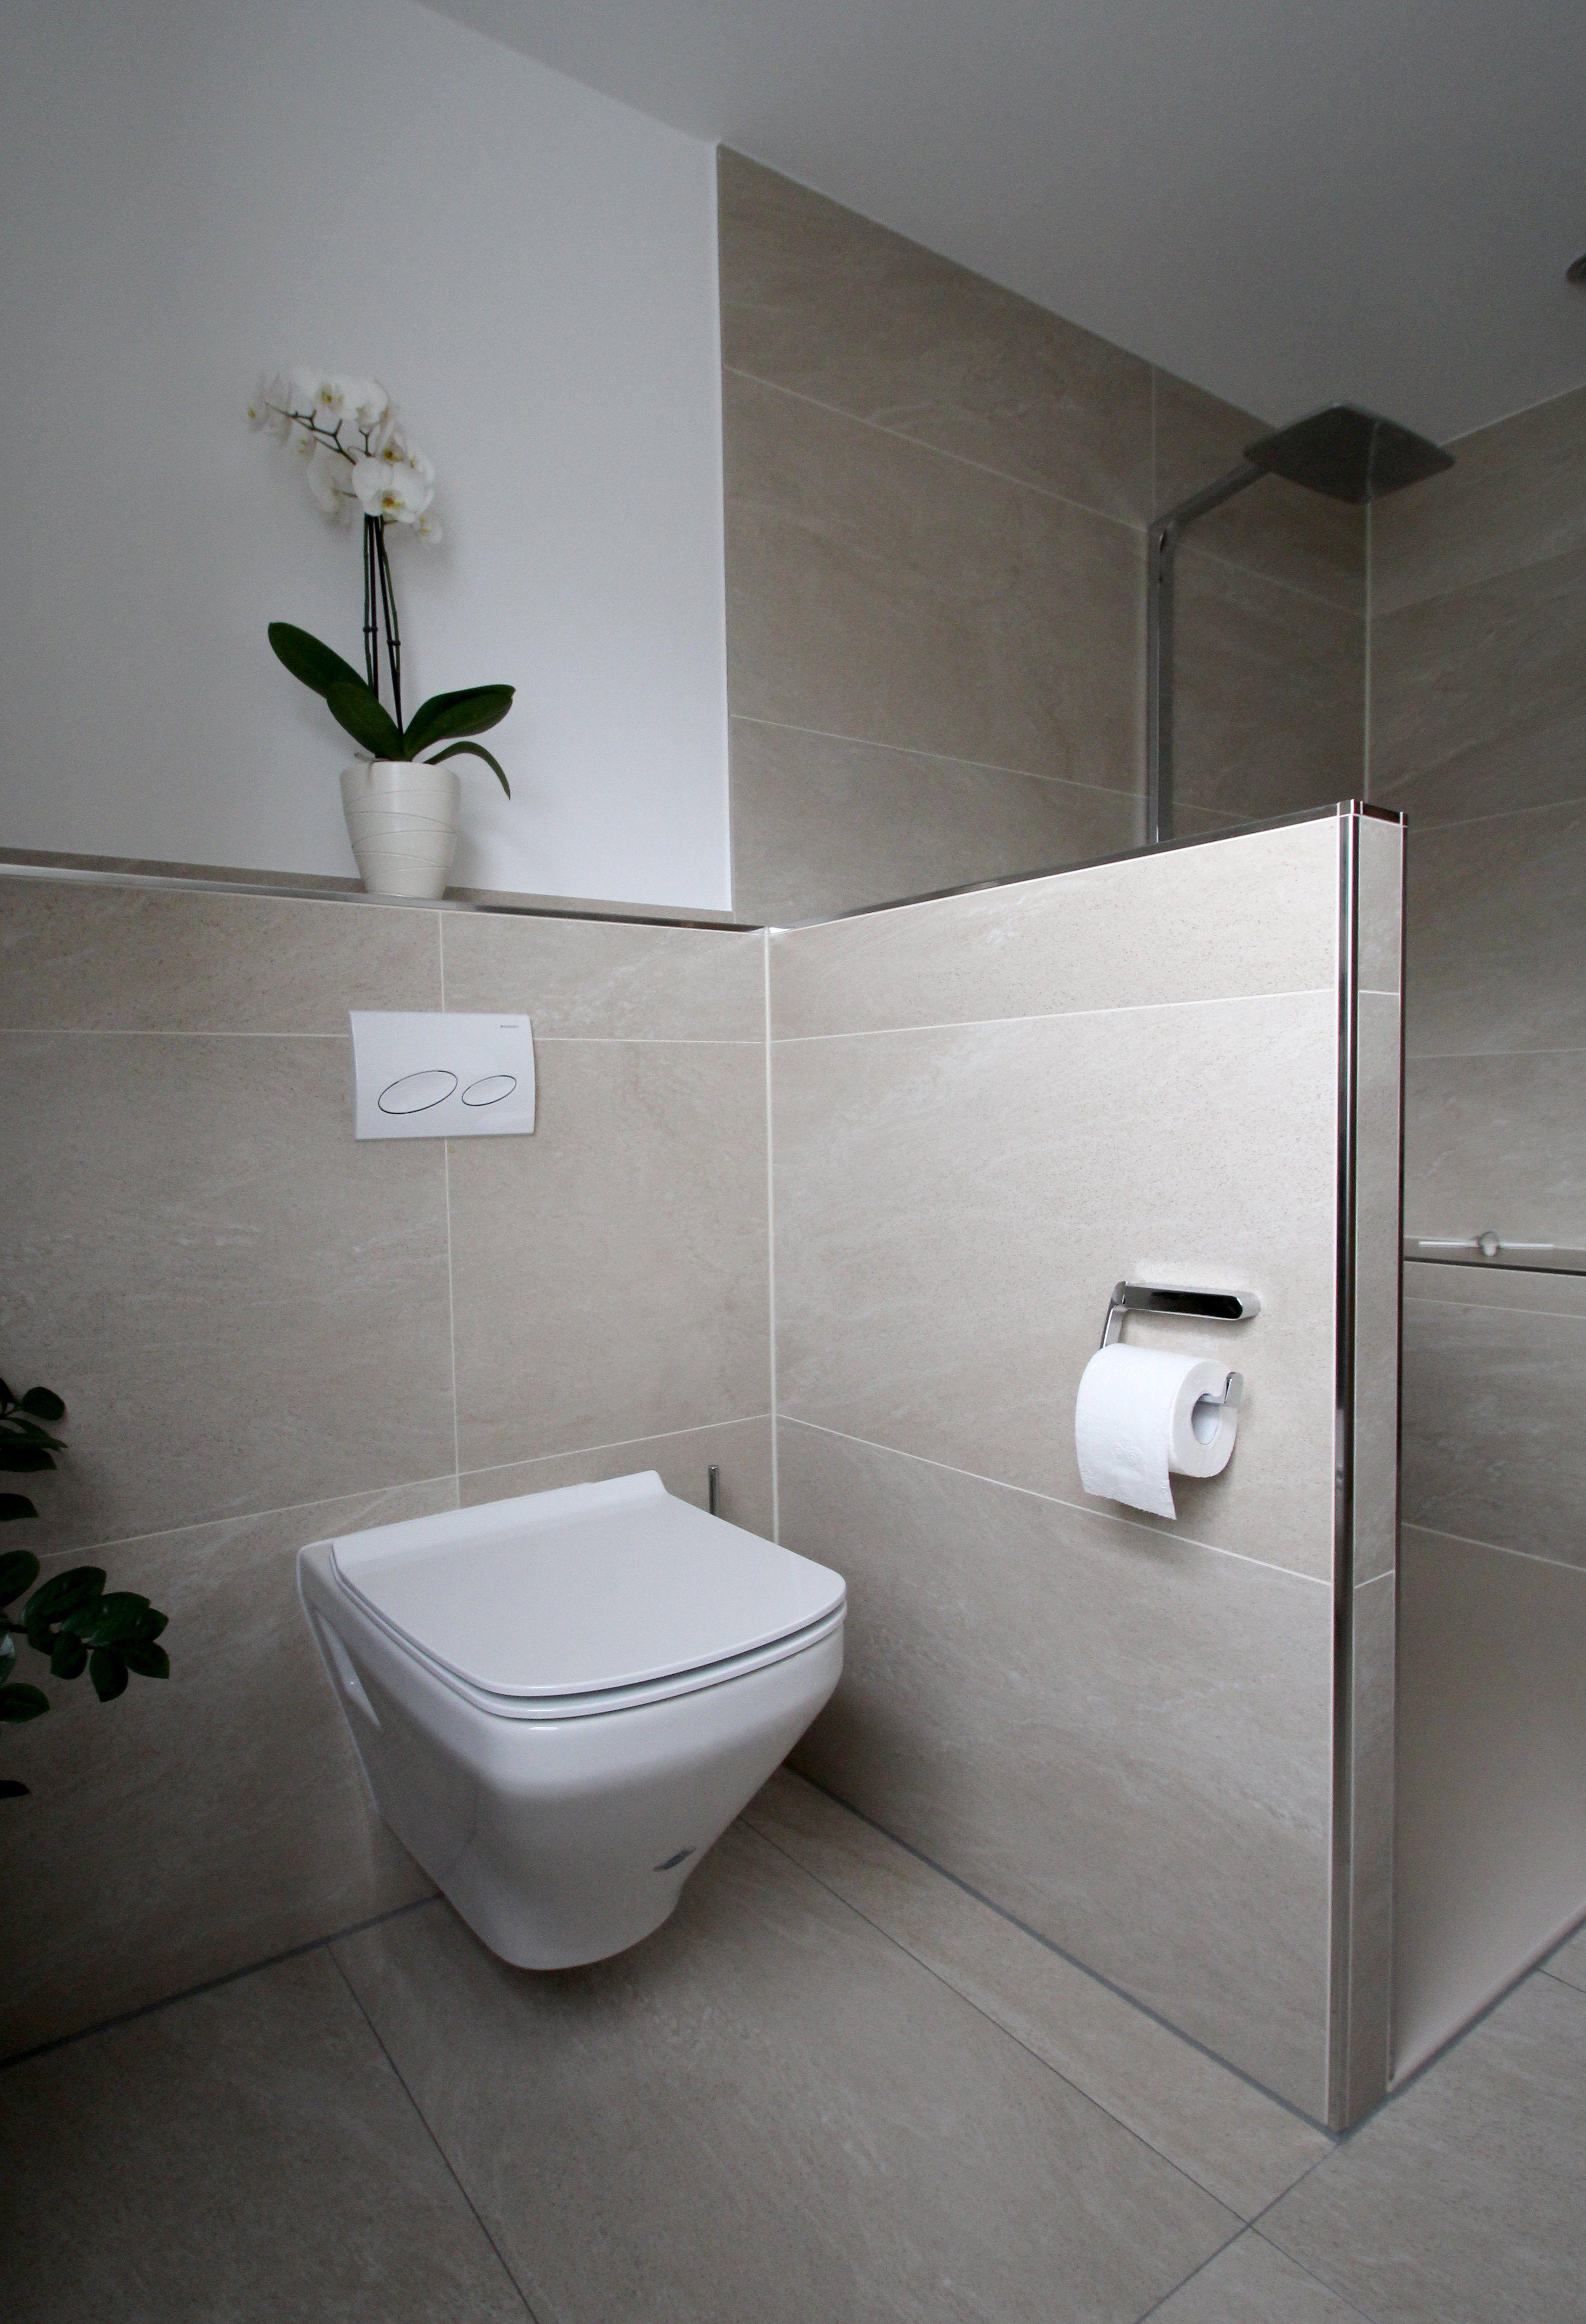 Seniorengerechtes Bad In Naturtonen